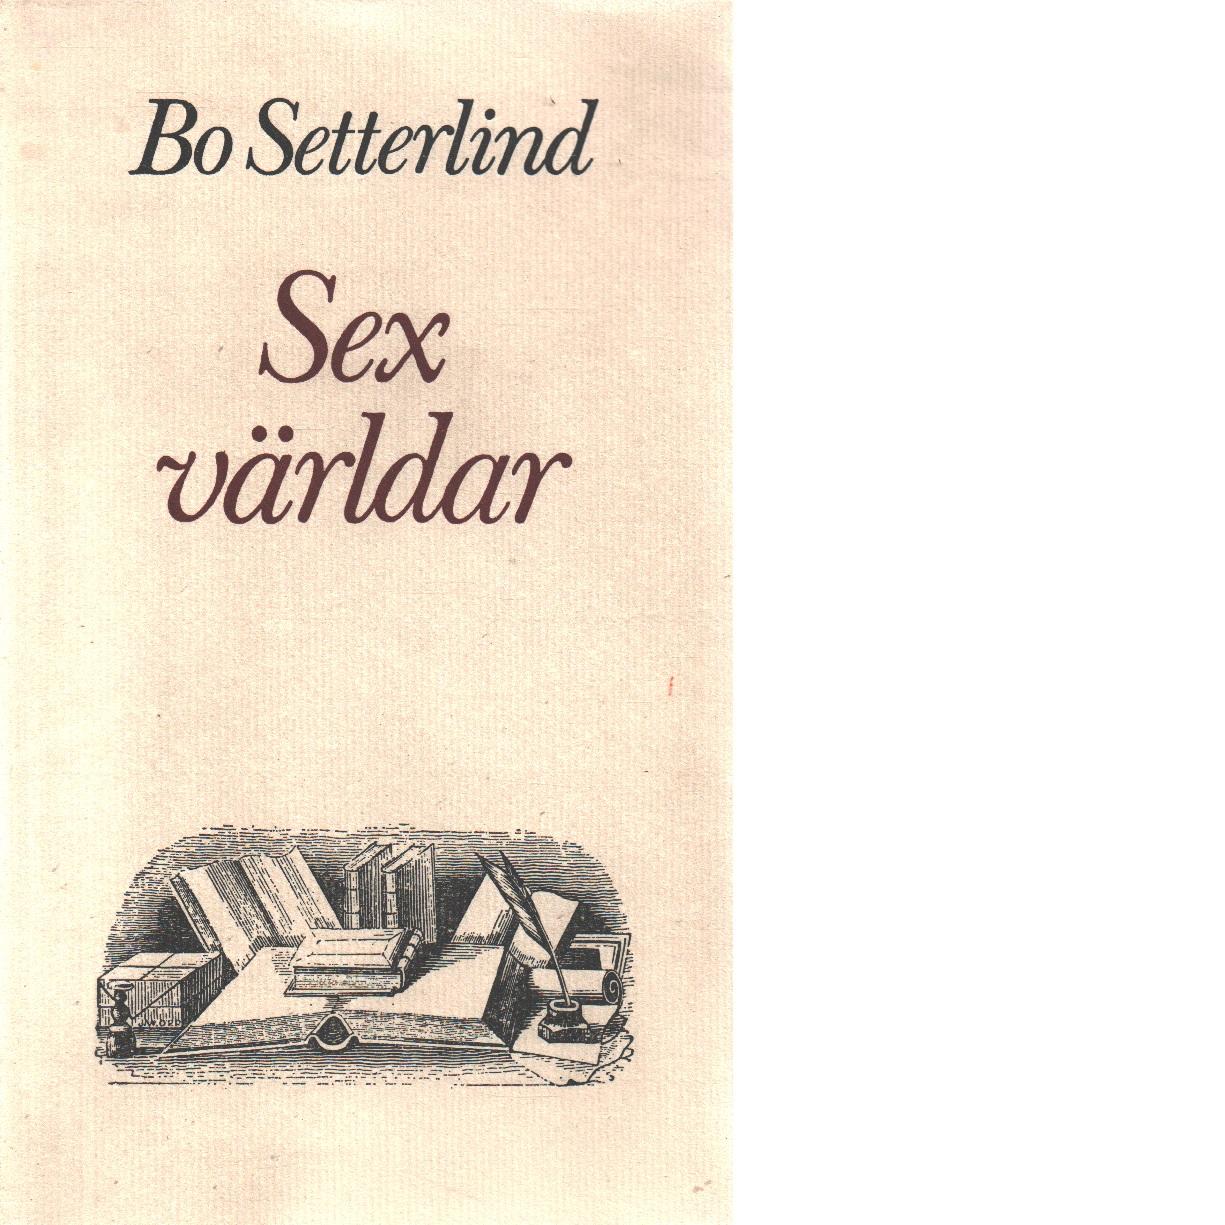 Sex världar - Setterlind, Bo